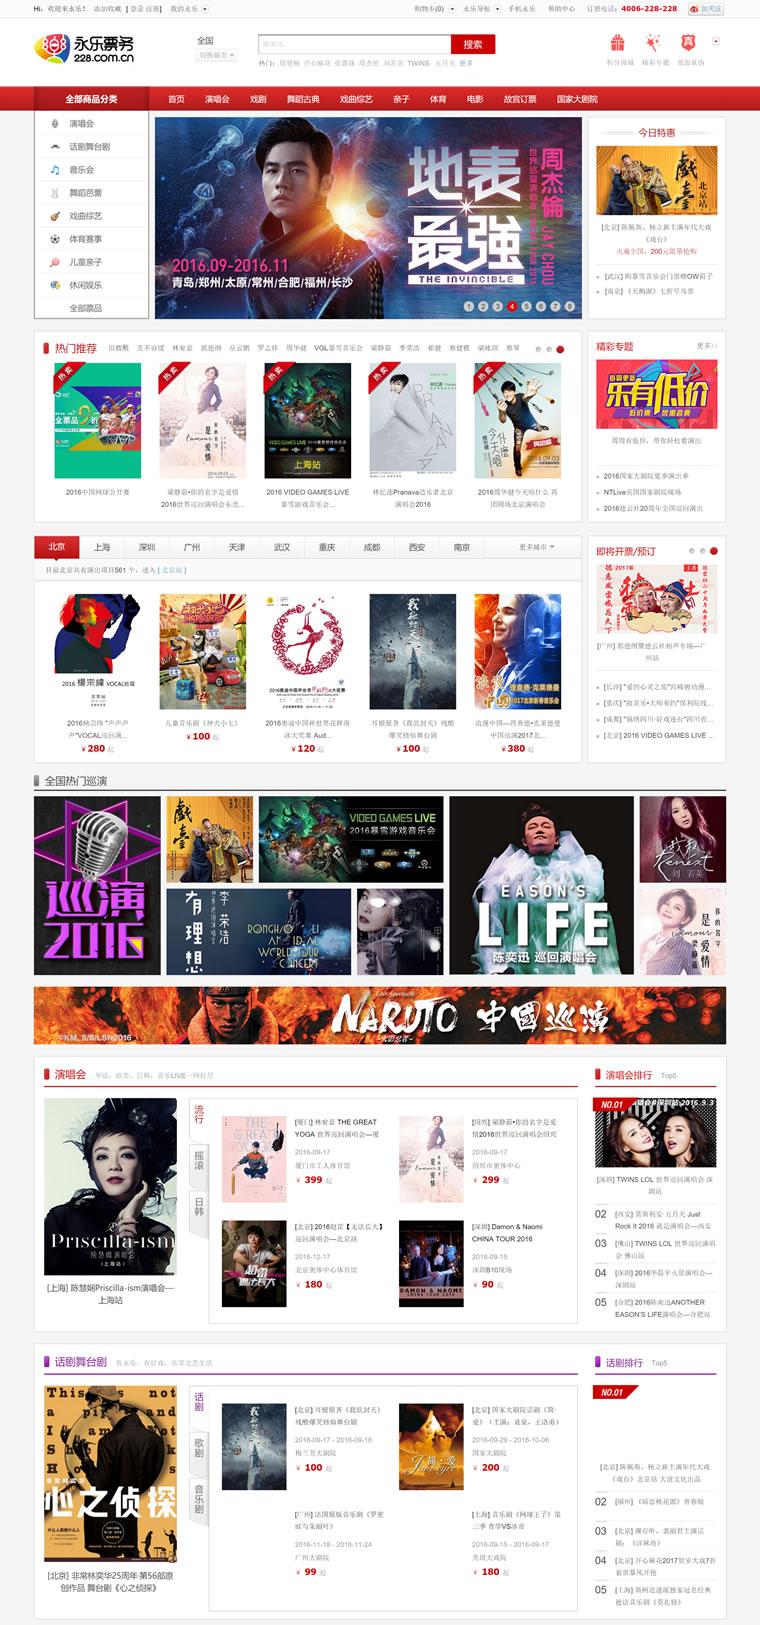 中国领先的专业演出票务网:永乐票务